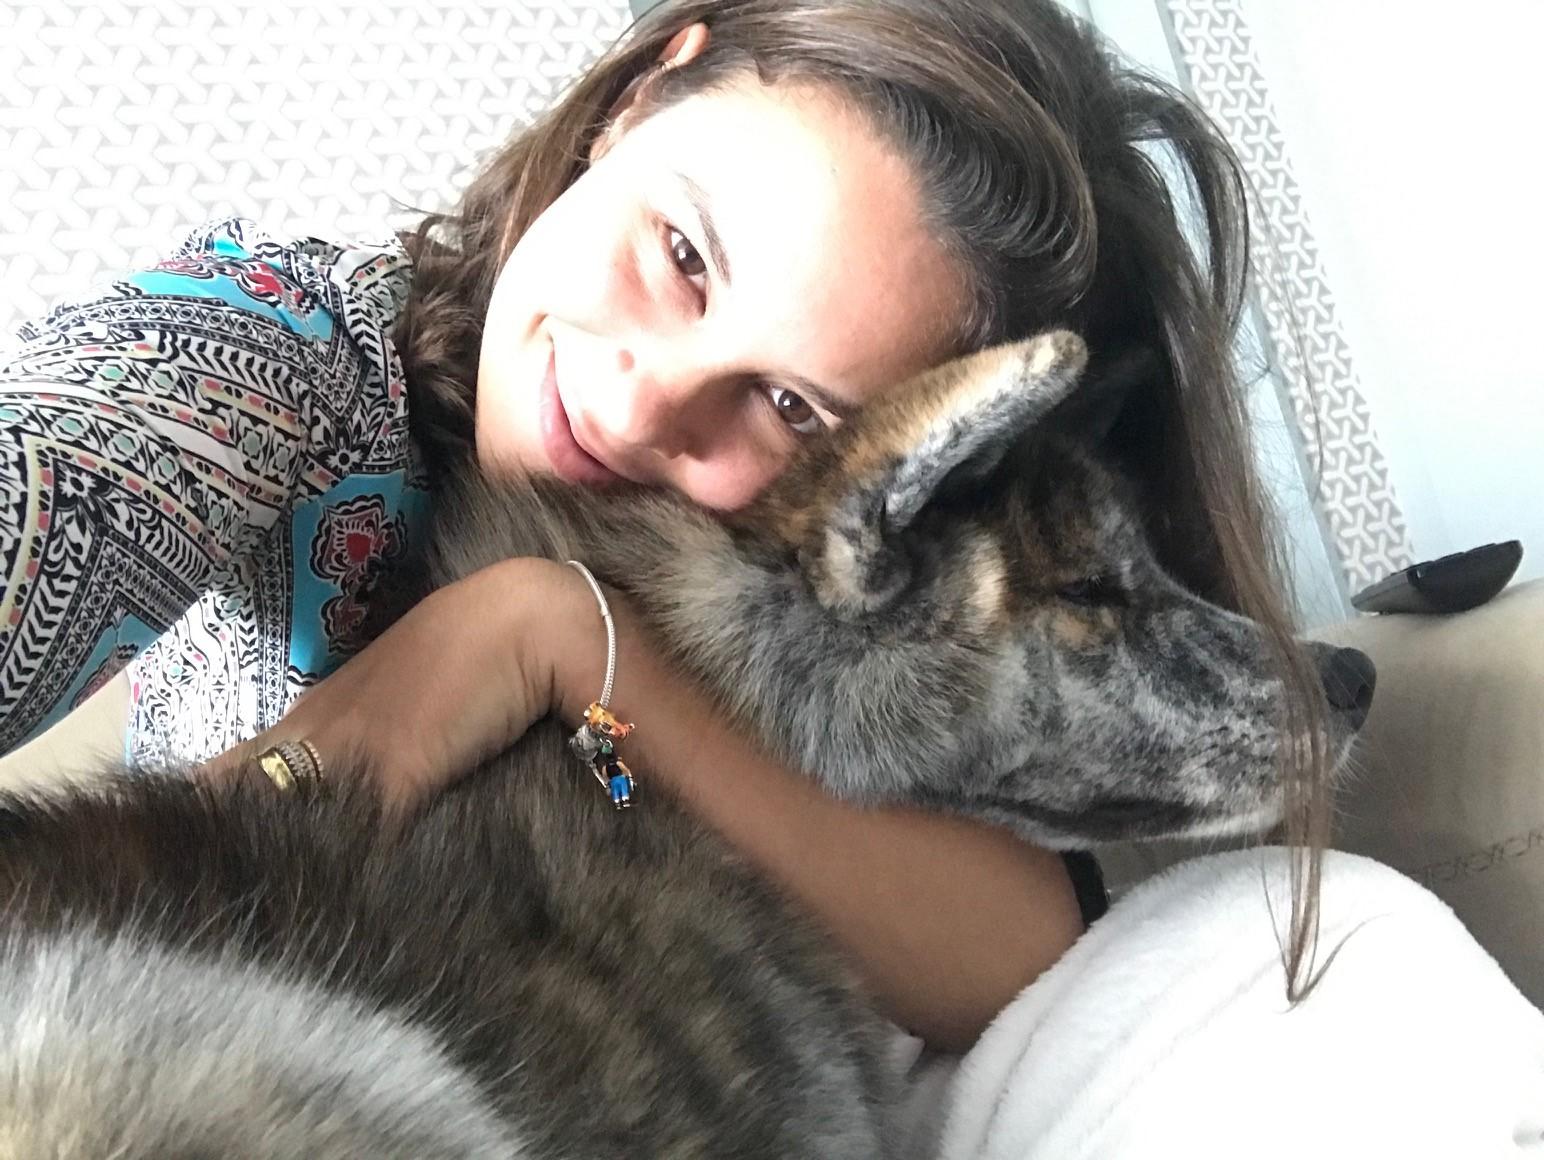 Amanda revela que não consegue resistir aos desejos do cachorro - Crédito: Arquivo Pessoal